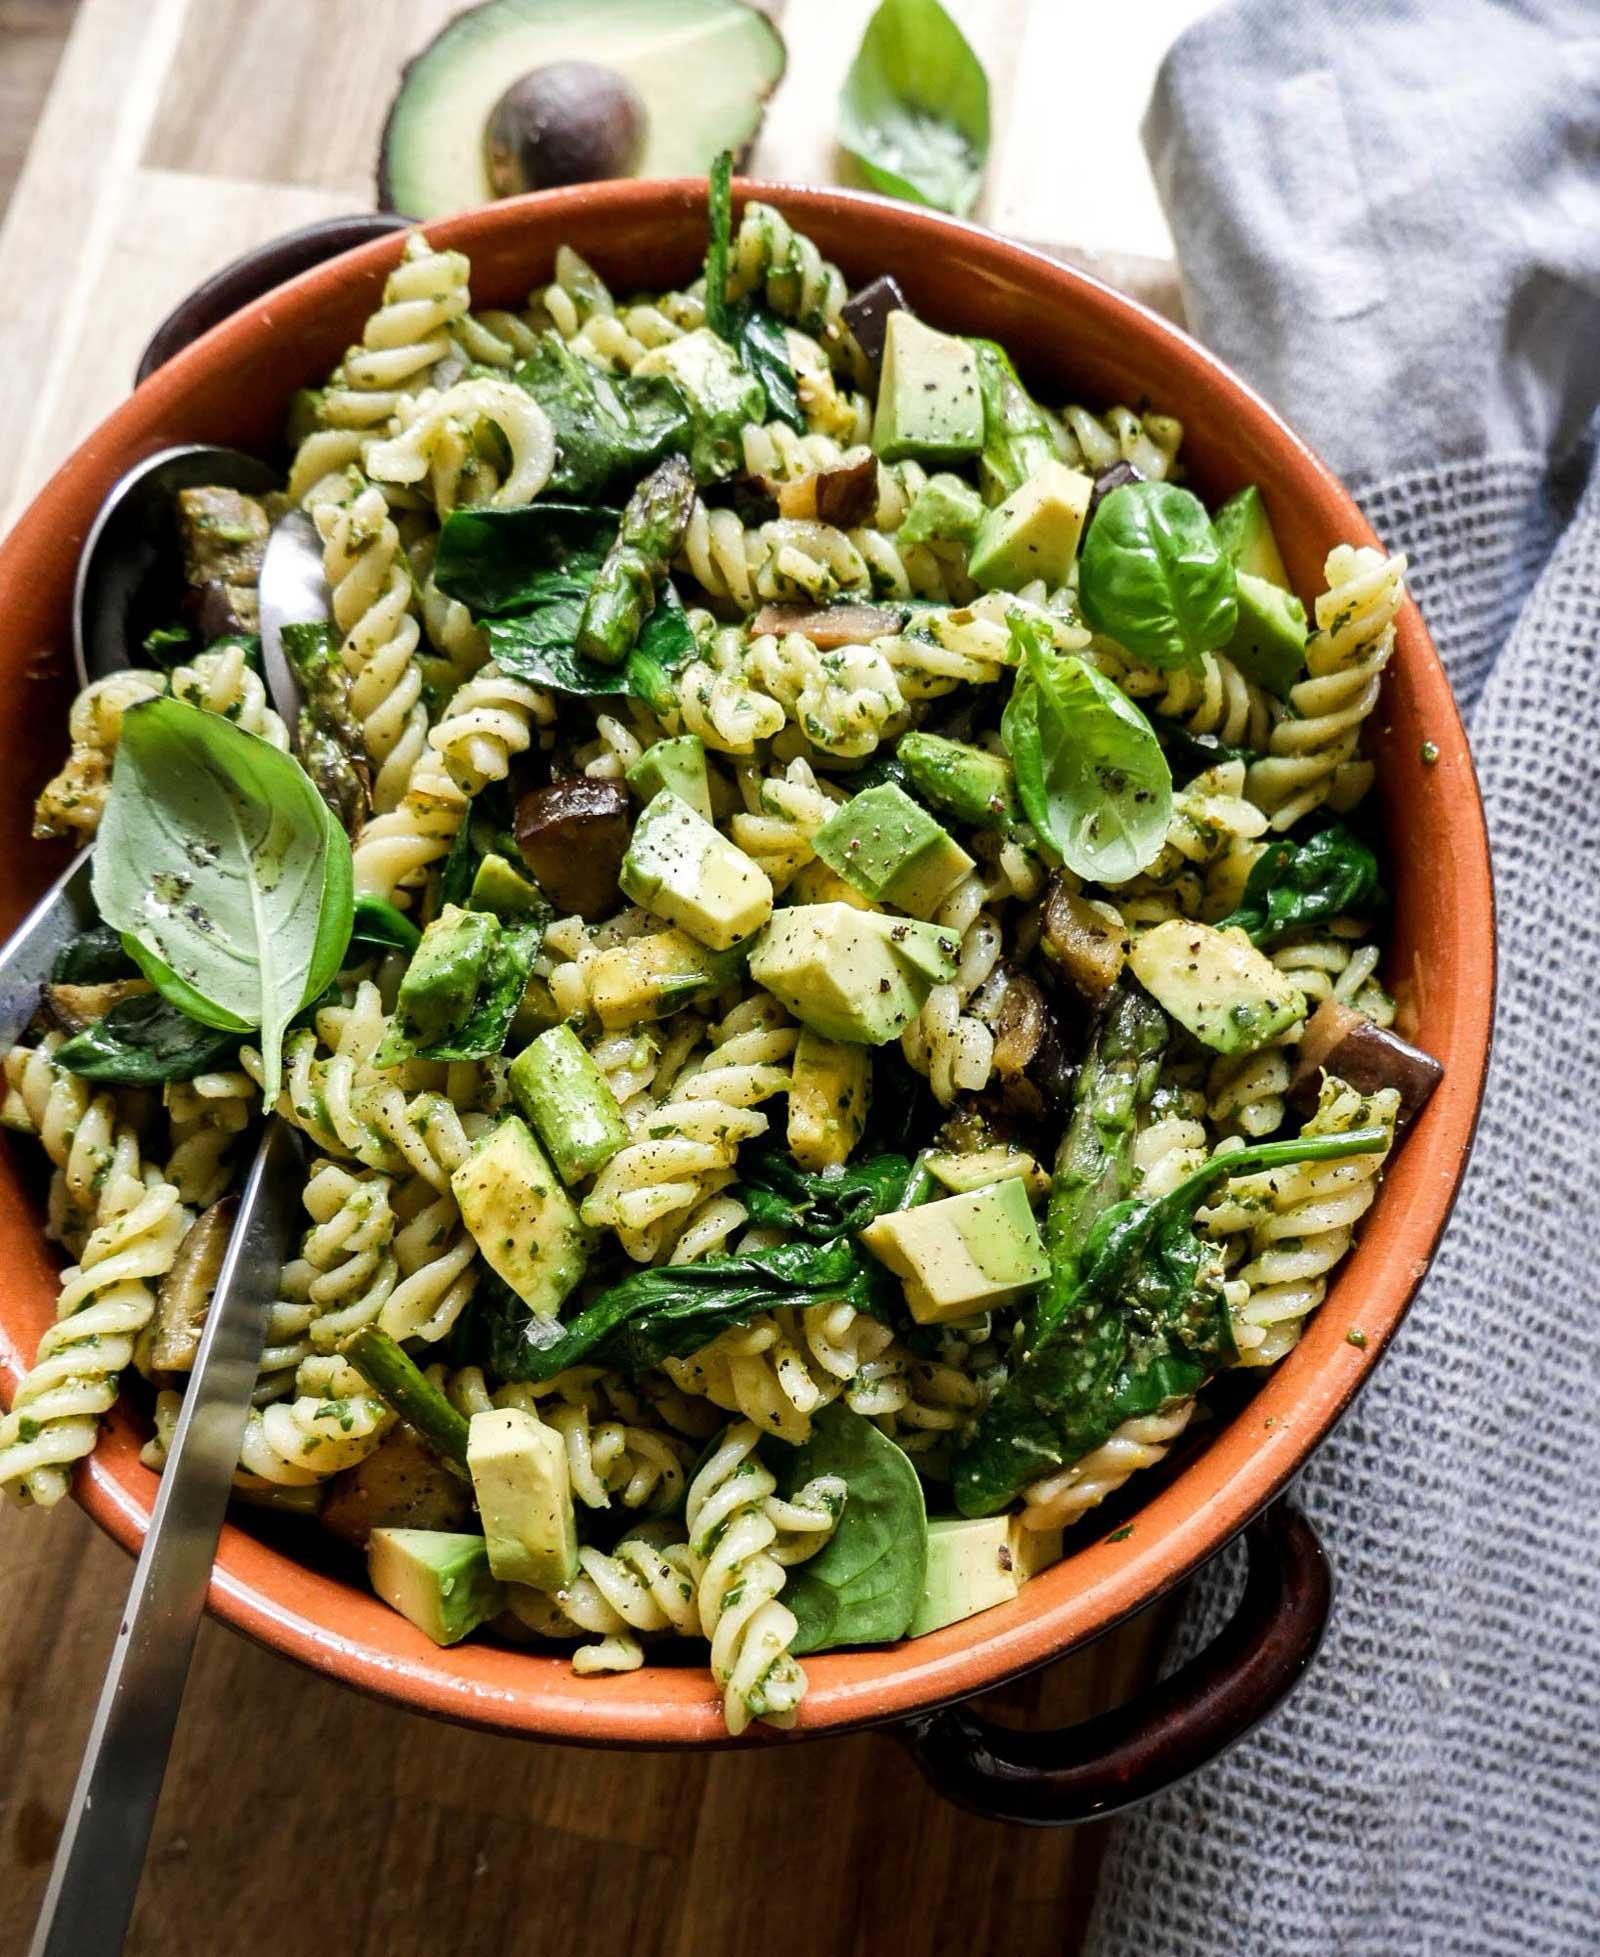 pastasalat med asparges vegansk opskrift